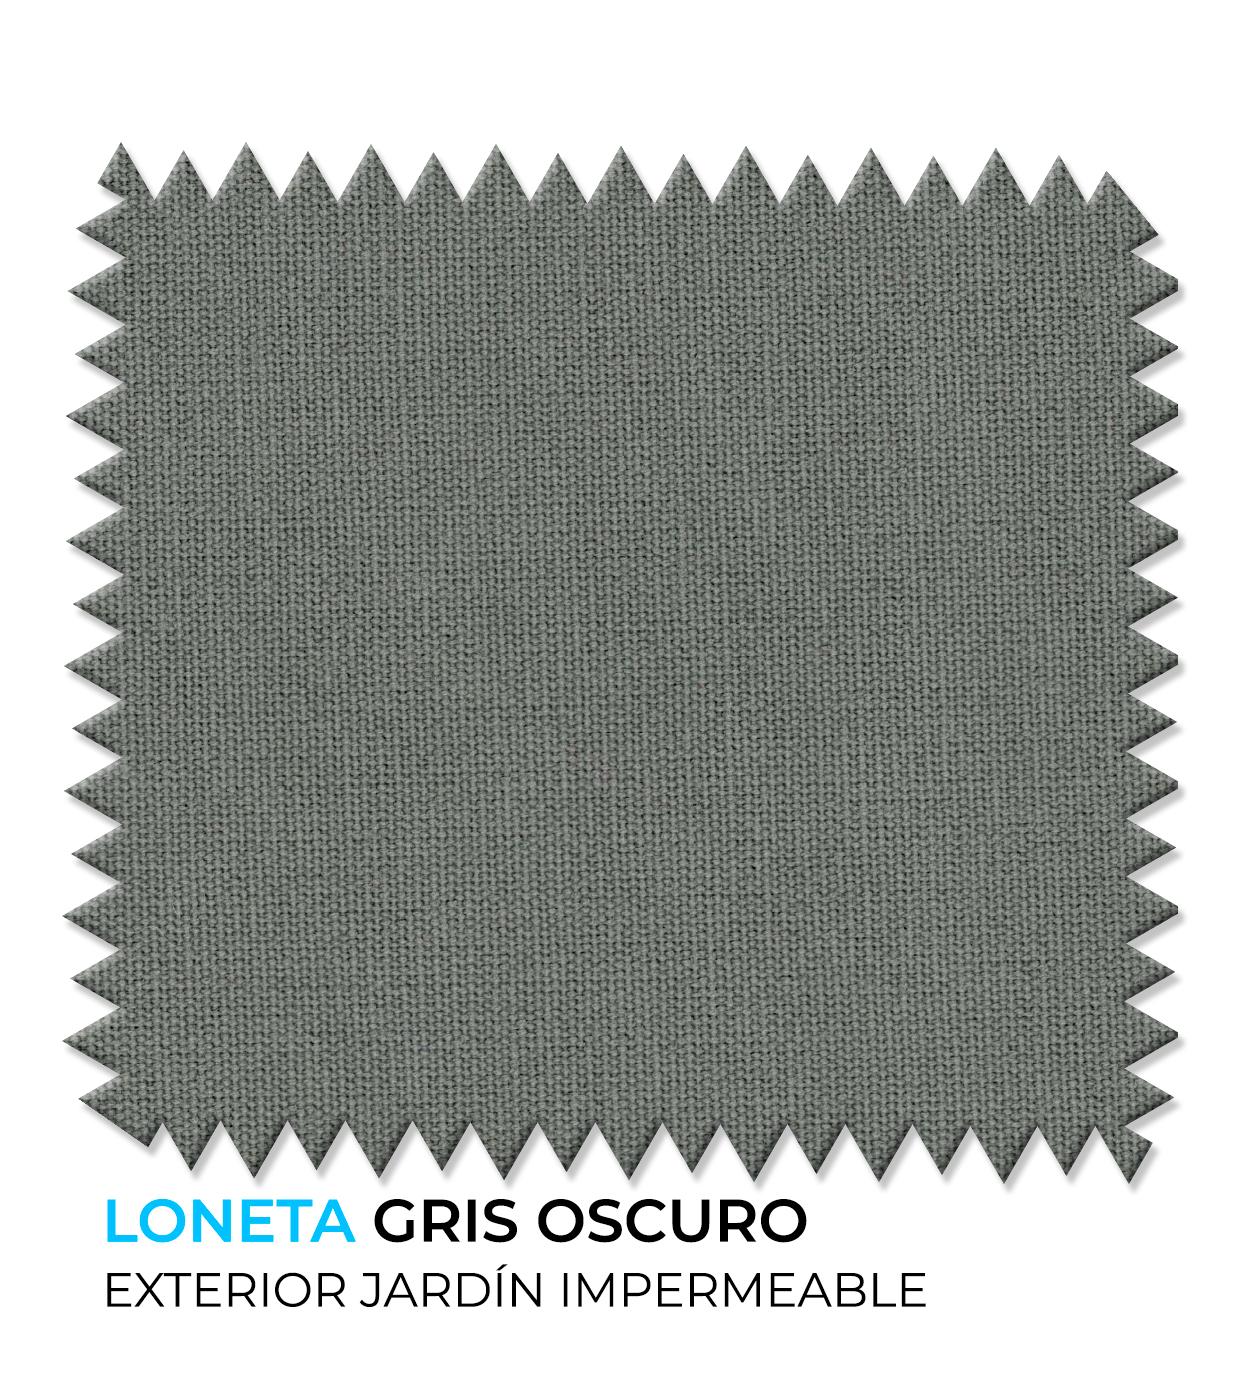 LONETA GRIS OSCURO SAONA 11.jpg